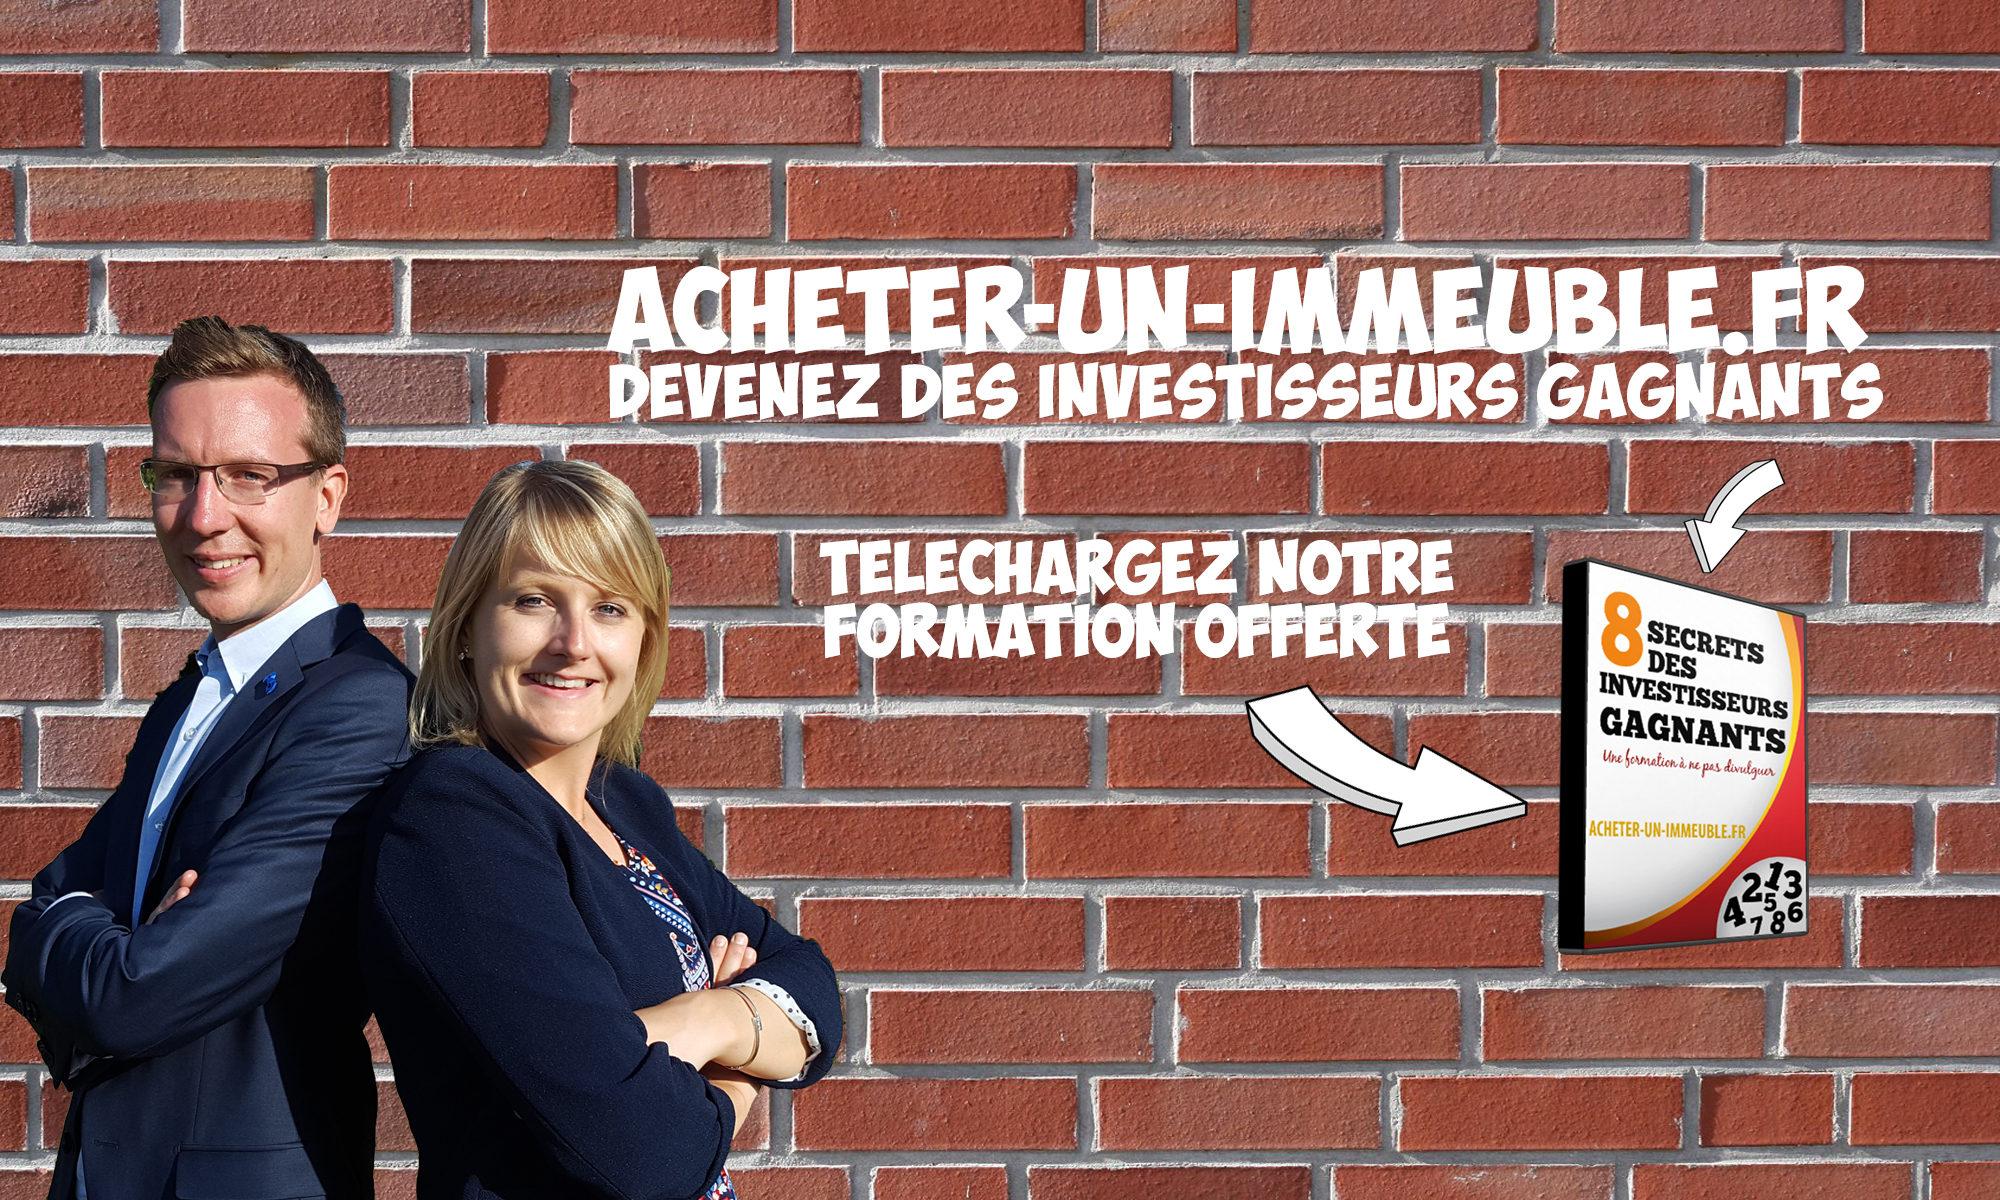 Acheter-un-immeuble.fr